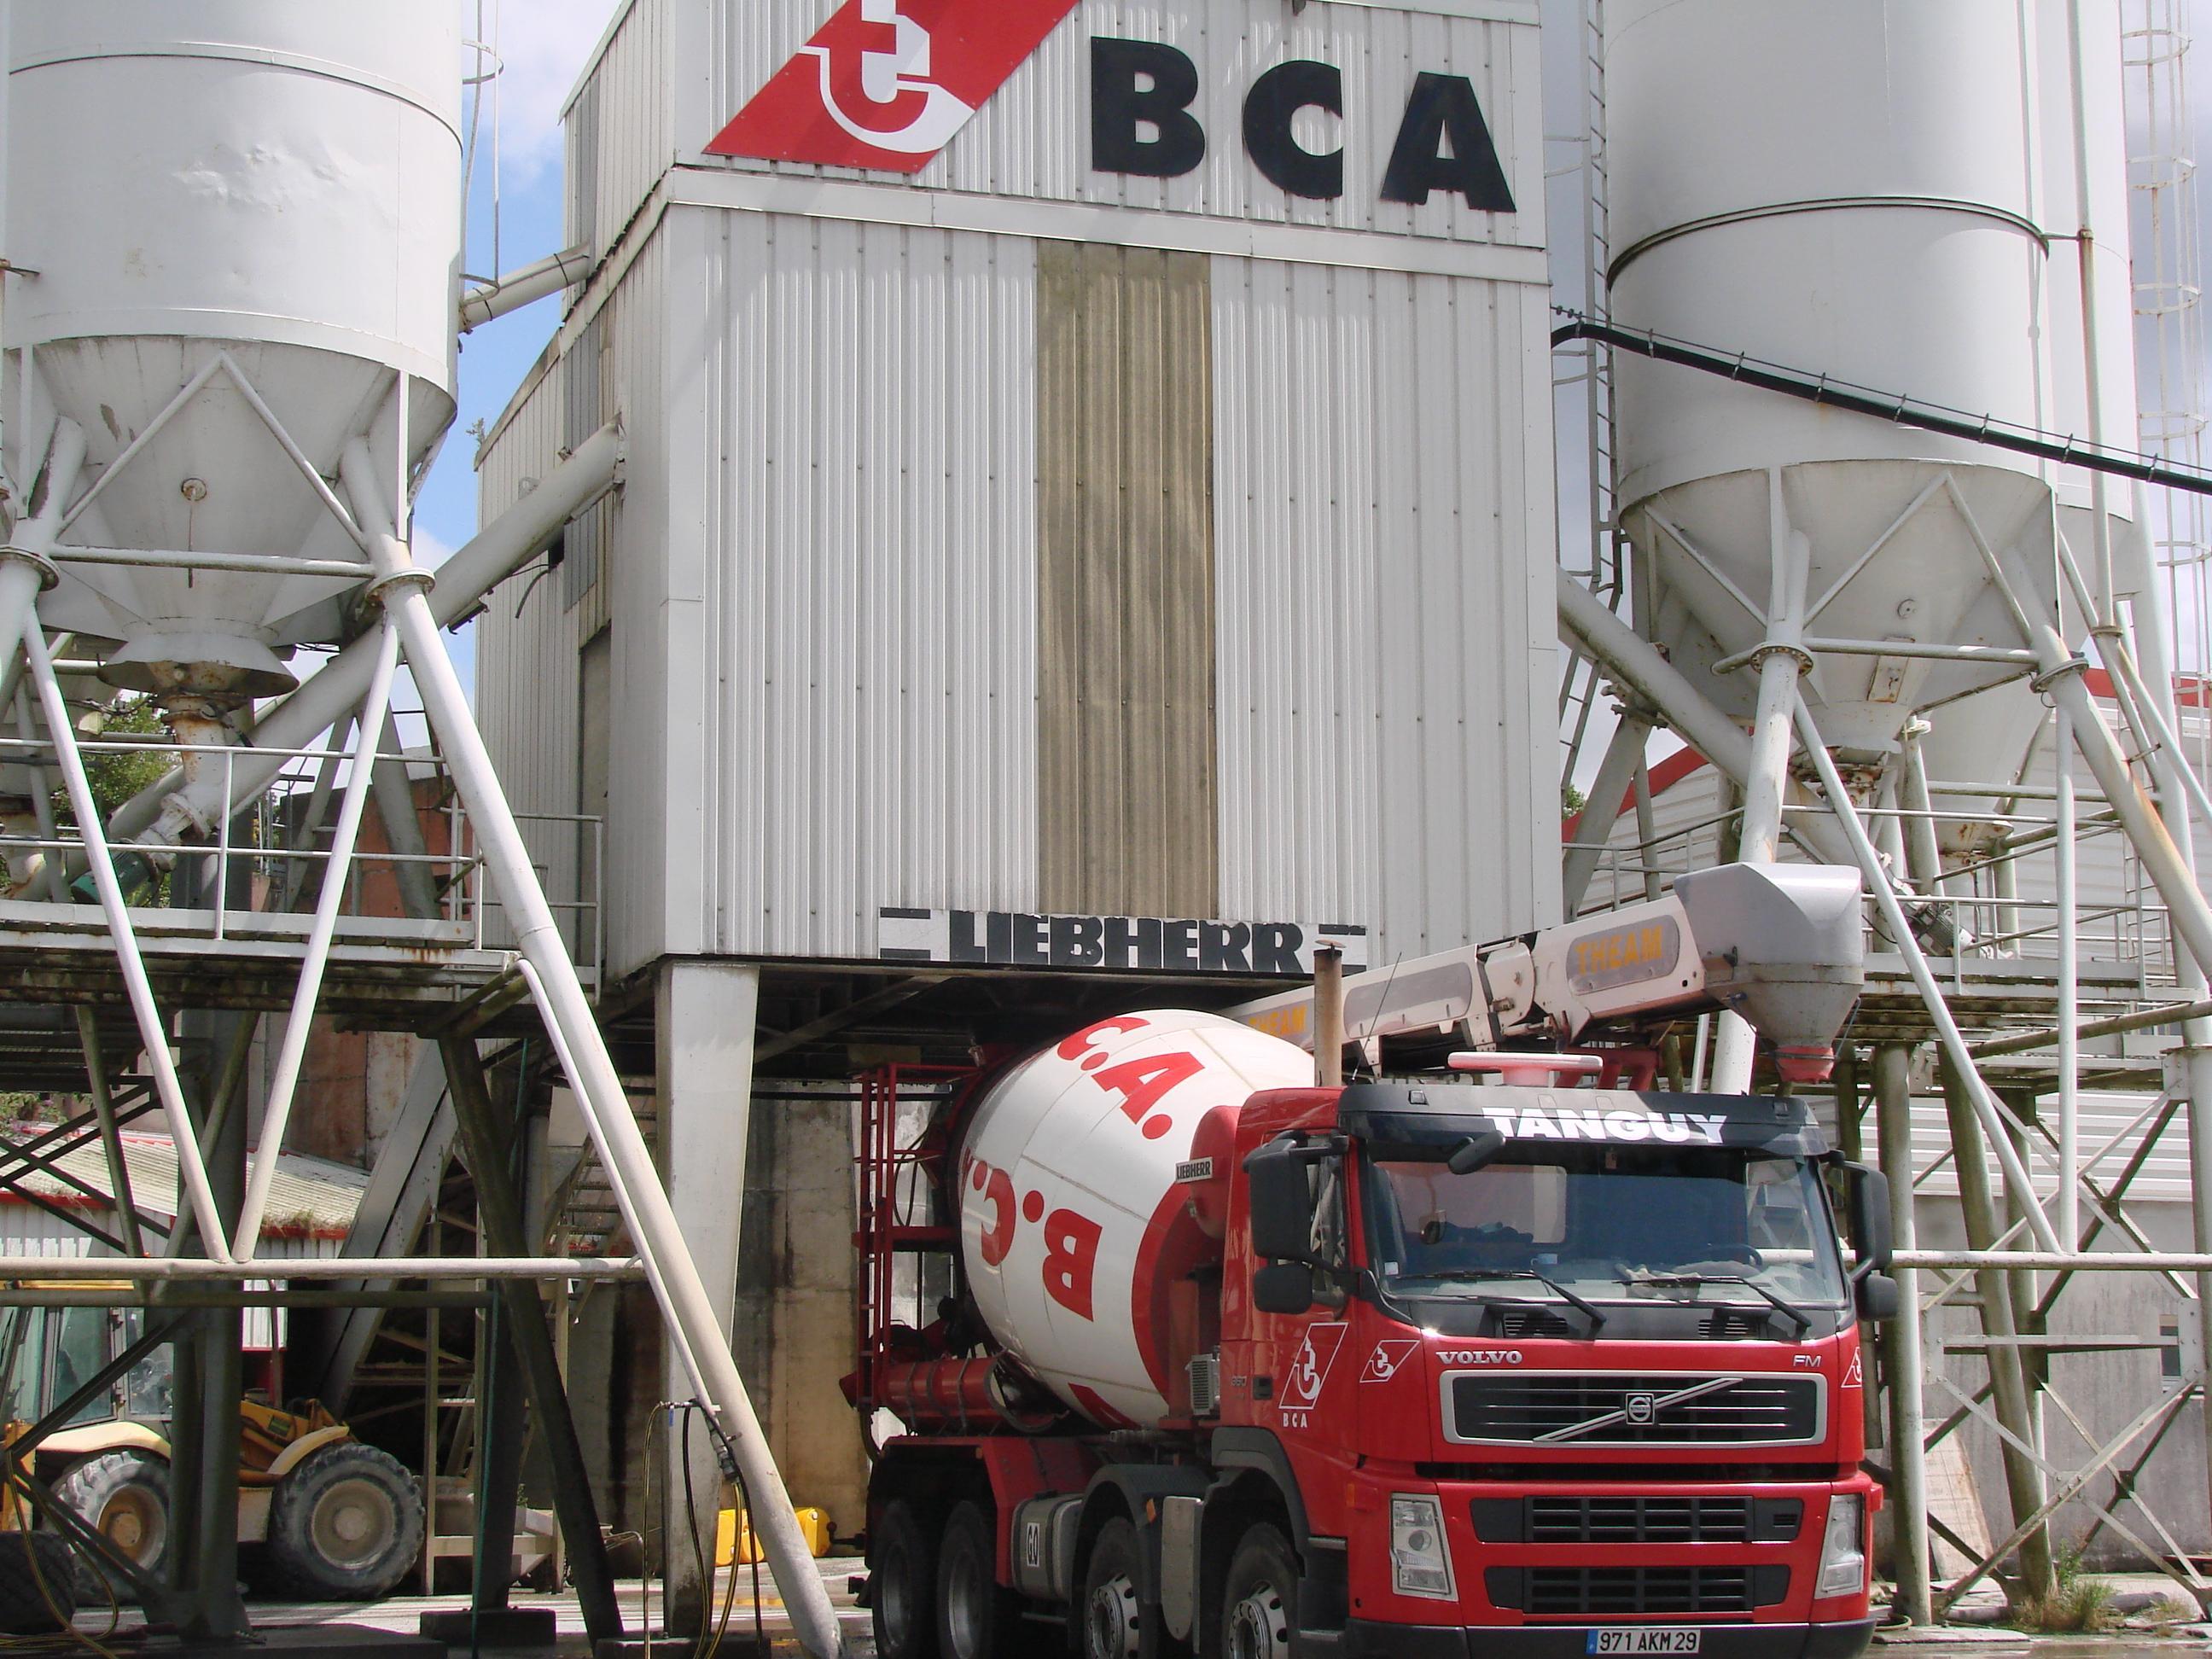 Bca - Béton Prêt à L'emploi Guipavas Guipavas